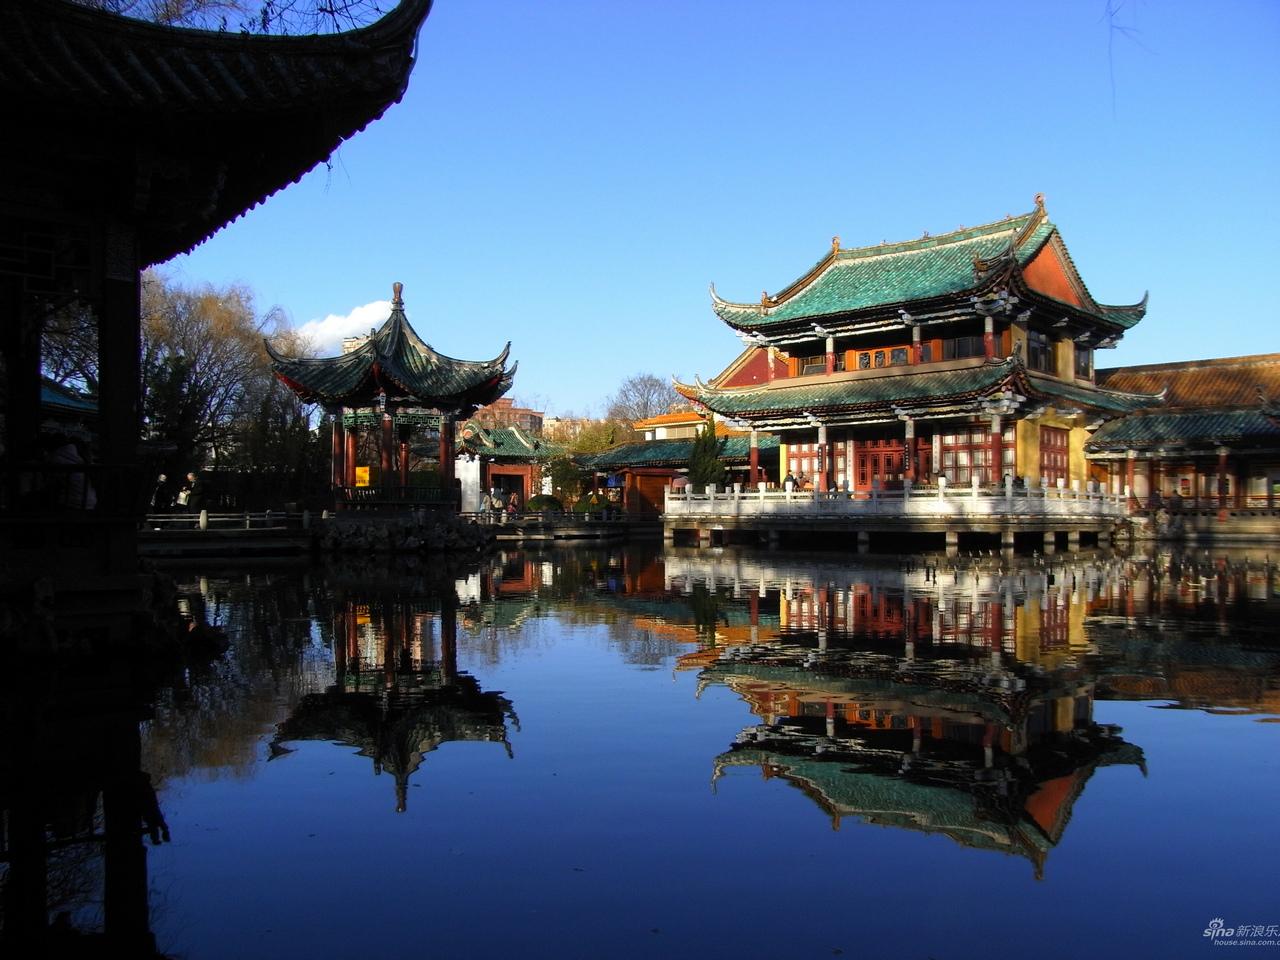 Межсезонье между Летом и Осенью 2020 года - начало Межсезонья по китайскому календарю